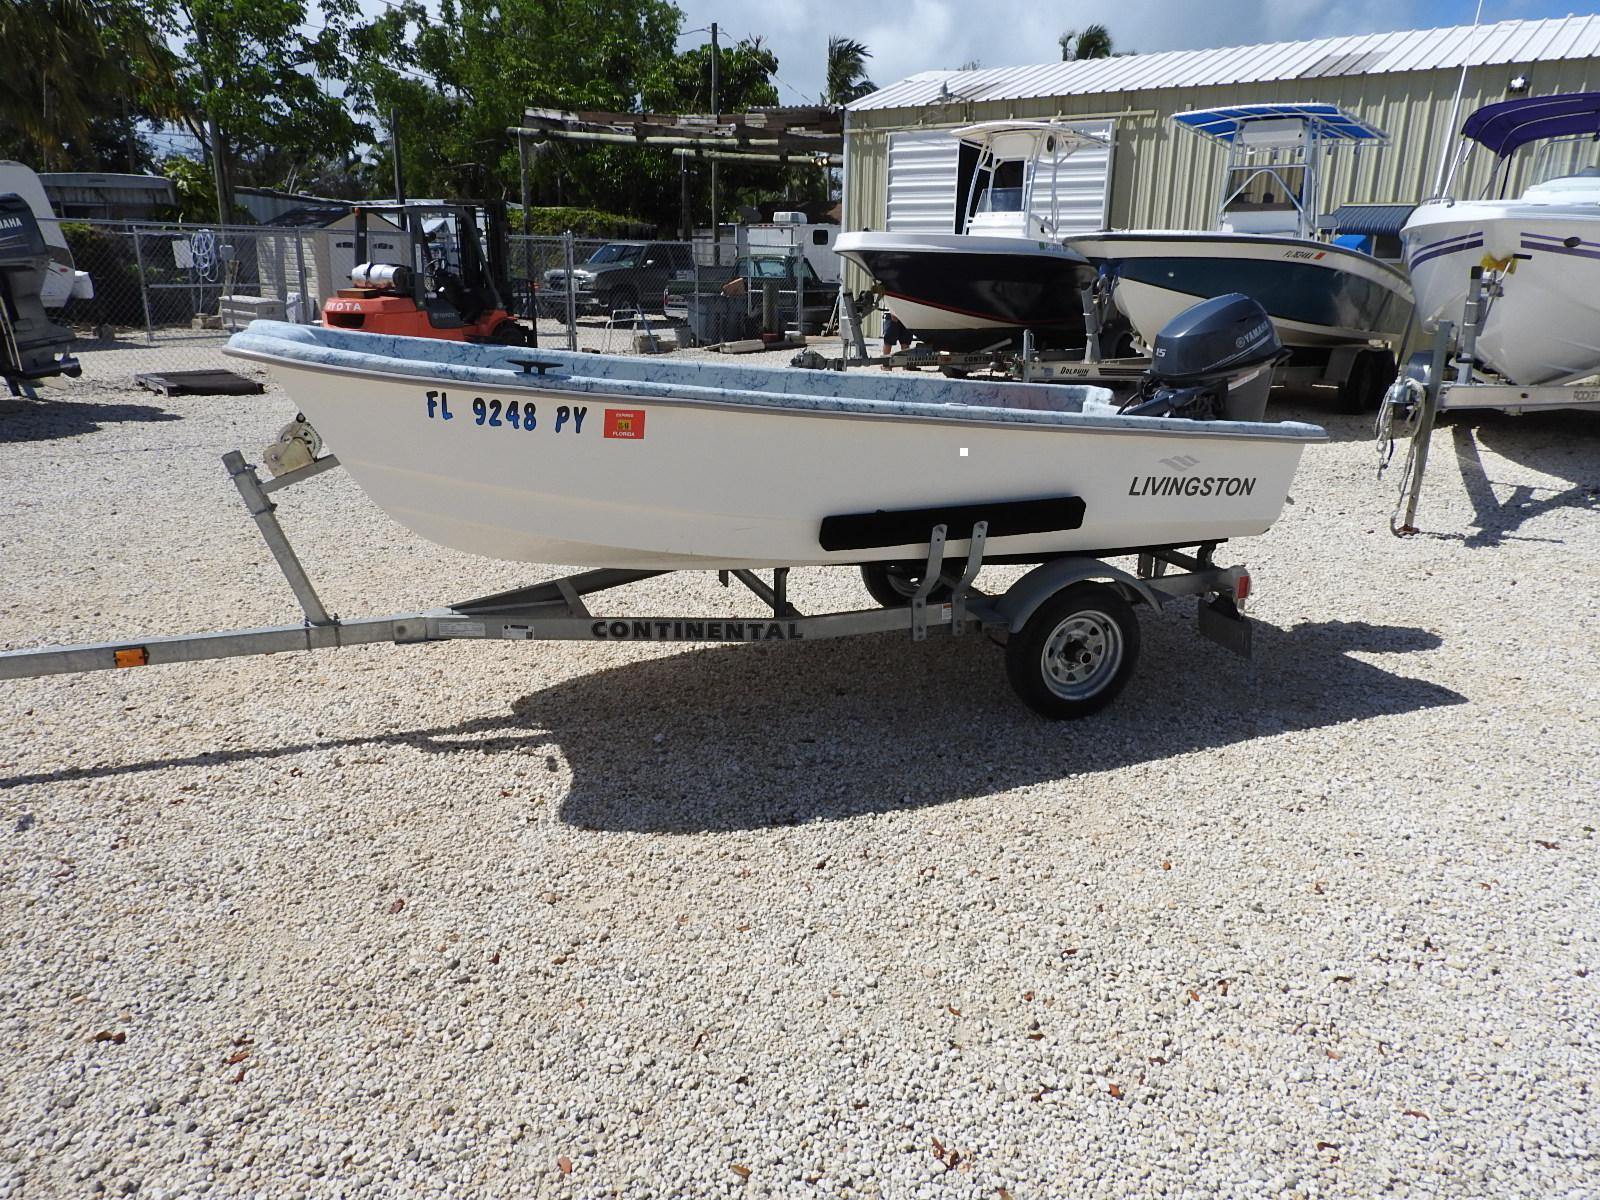 2015 Livingston LV10 for sale in Key Largo, FL  Nations Best